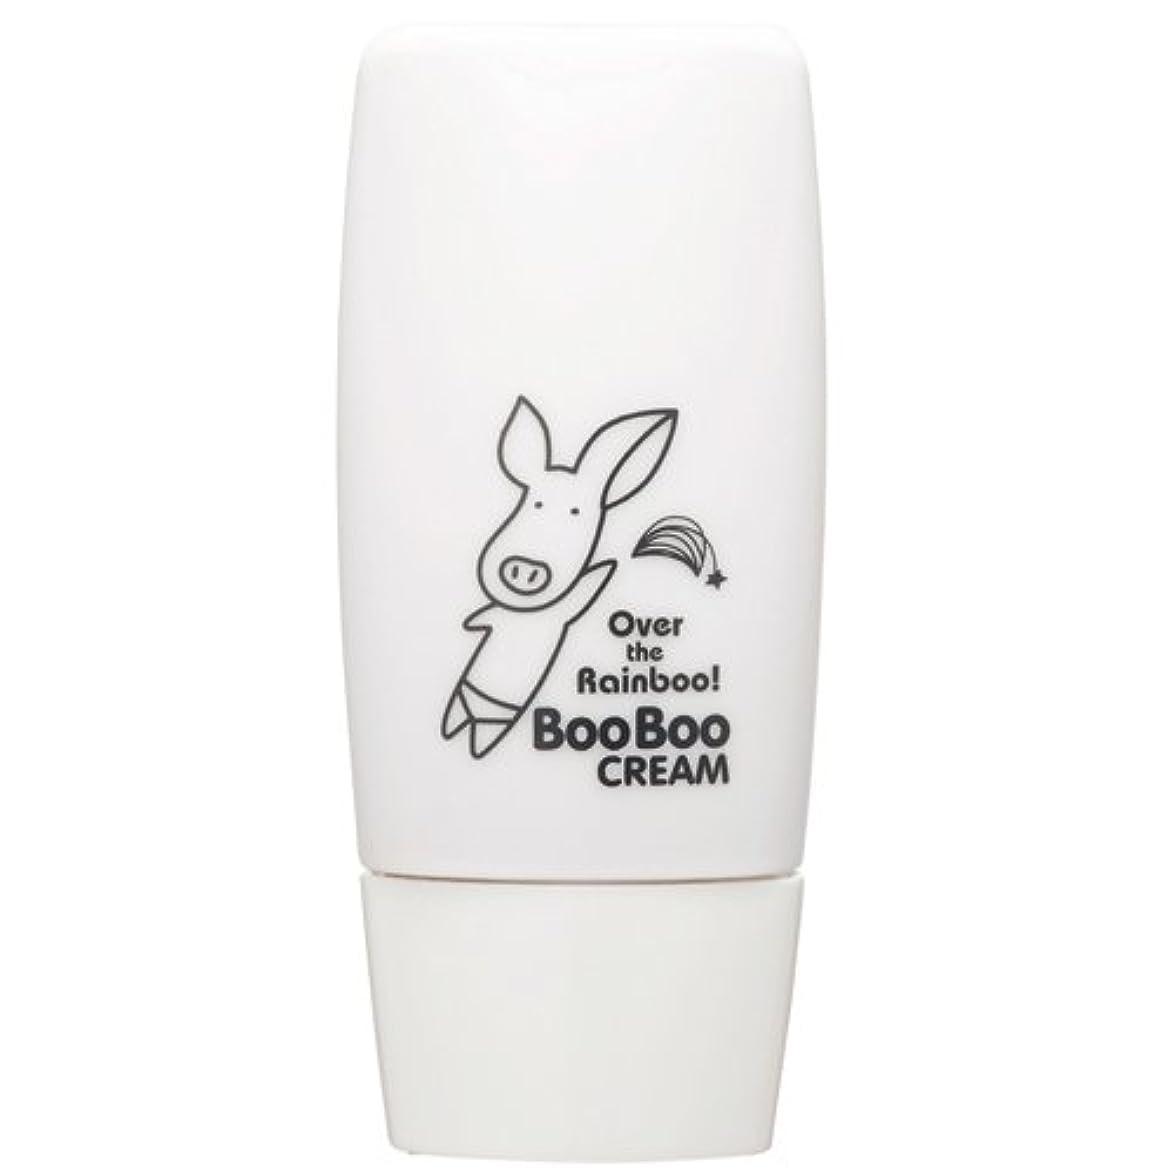 高度な小道具たとえOver the Rainboo! Boo Boo CREAM